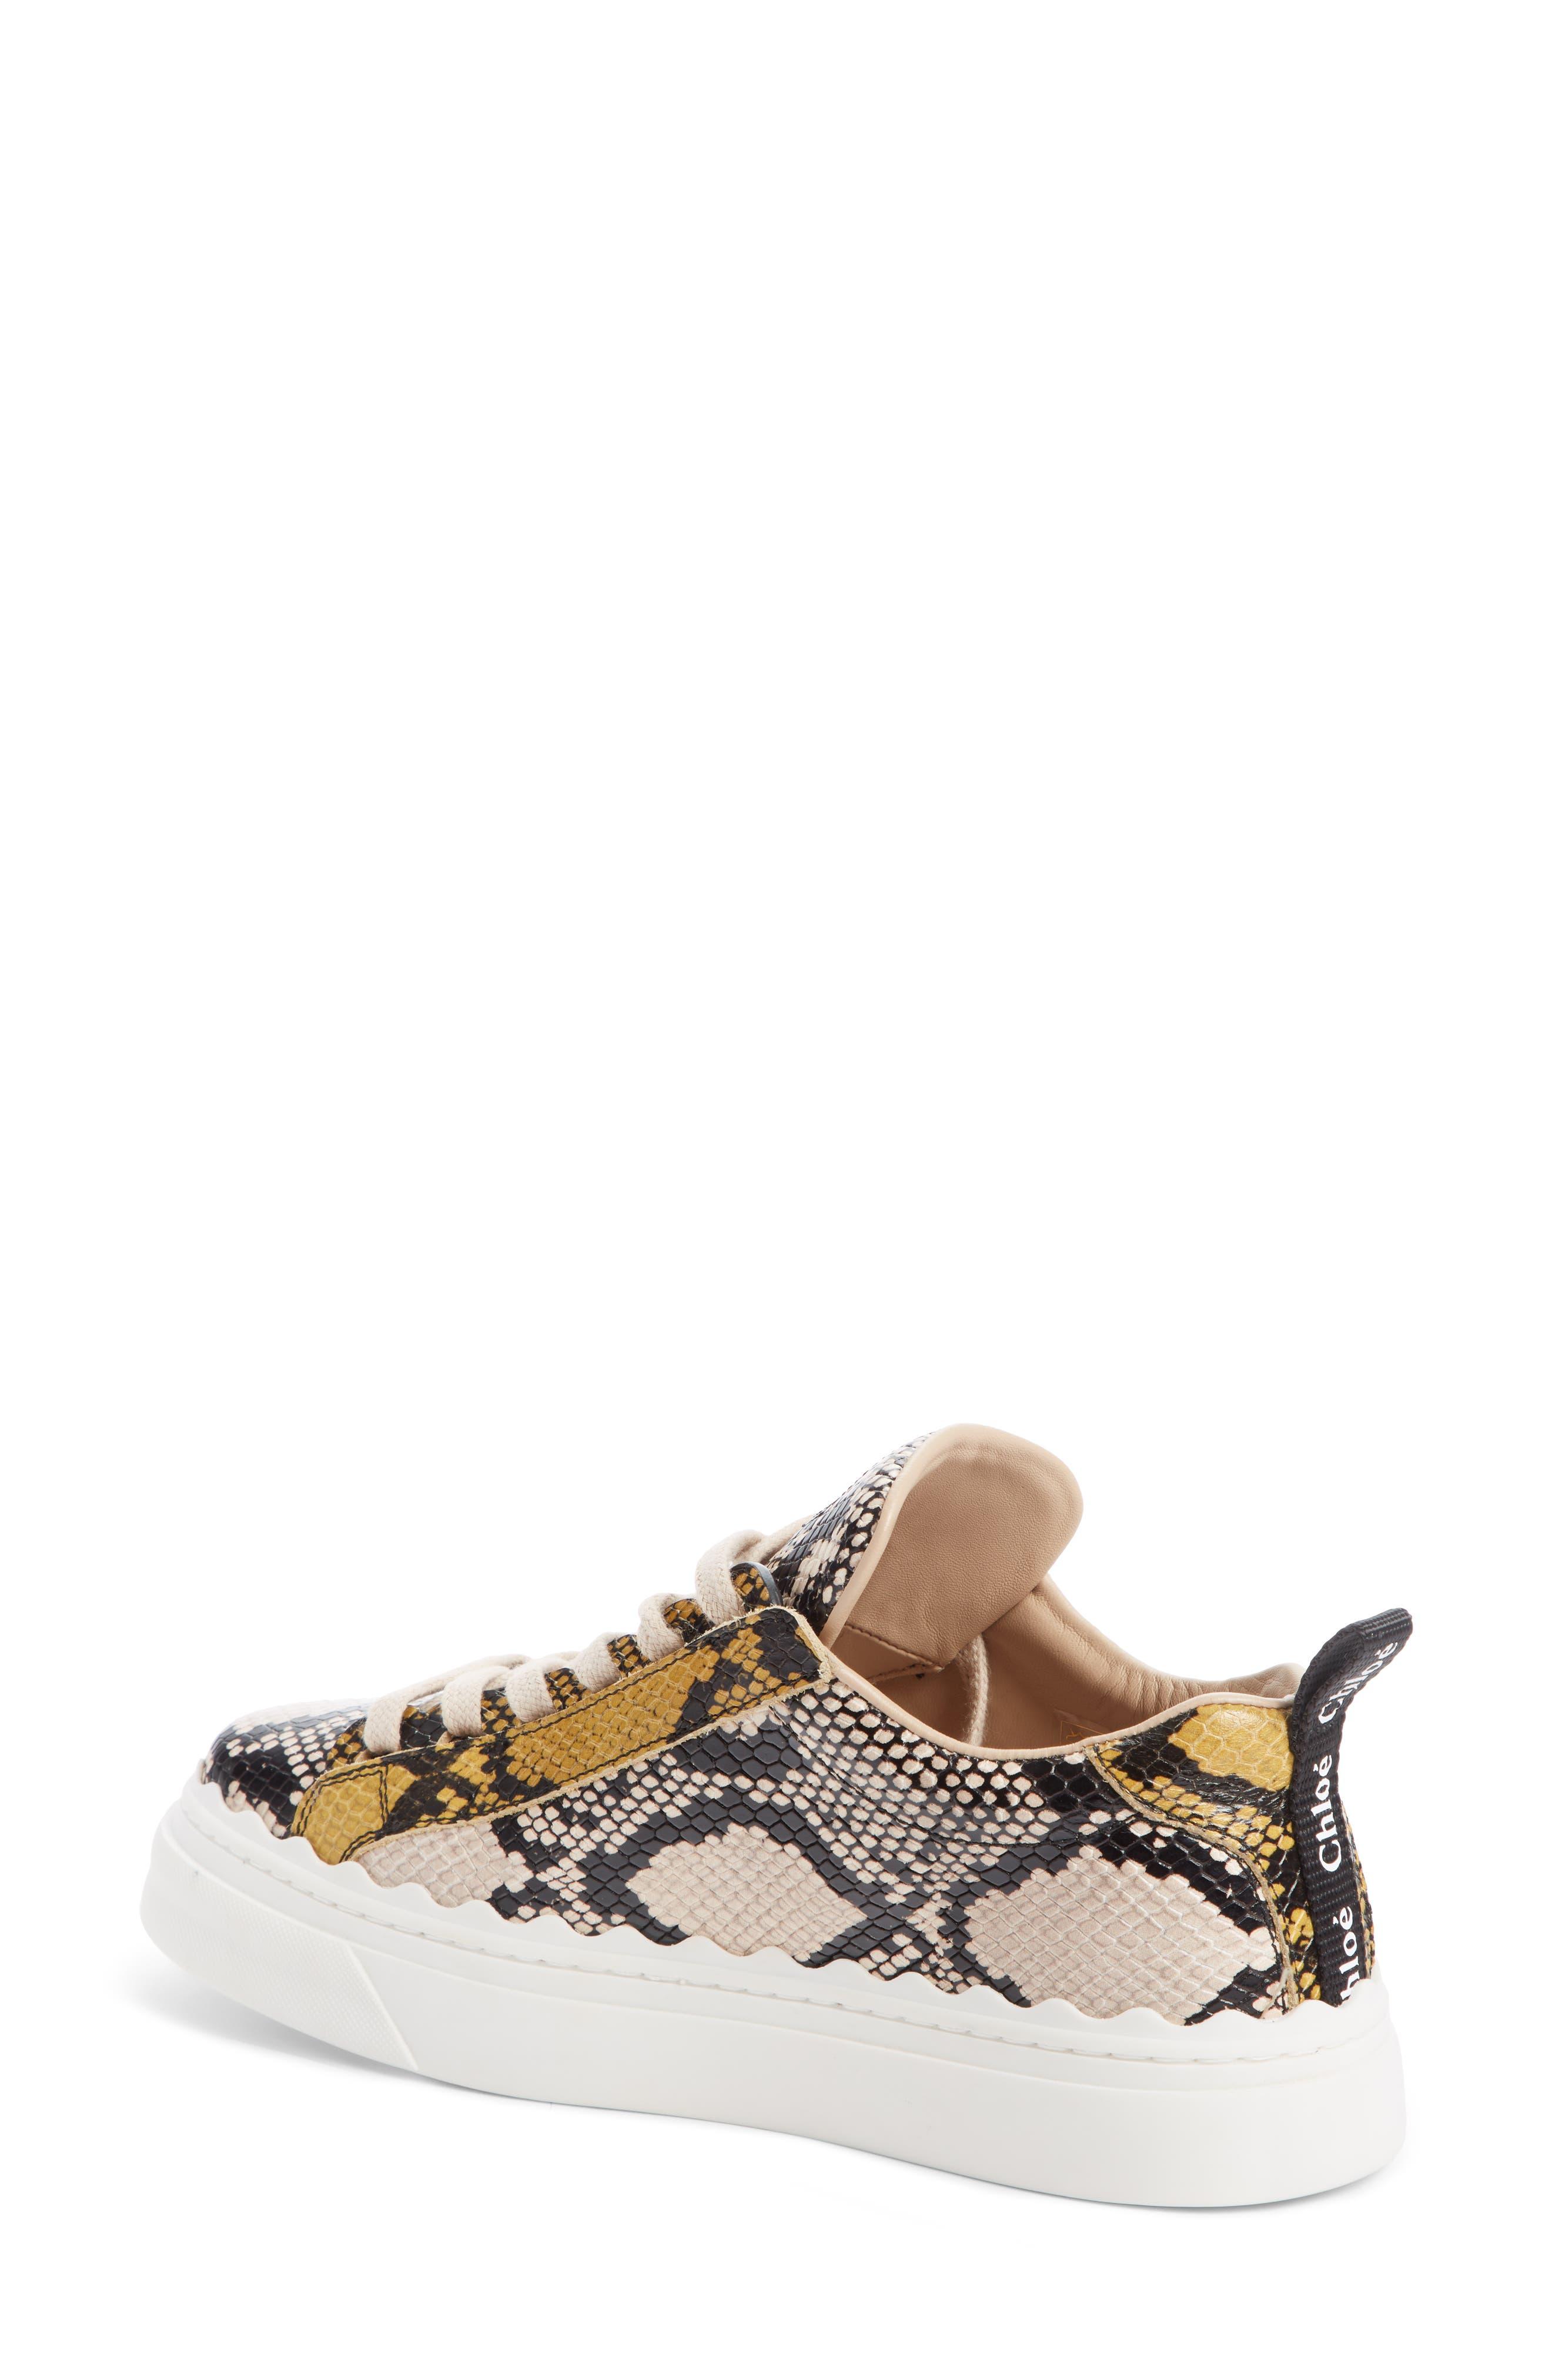 Lauren Sneaker,                             Alternate thumbnail 2, color,                             SEPTEMBER SUN LEATHER